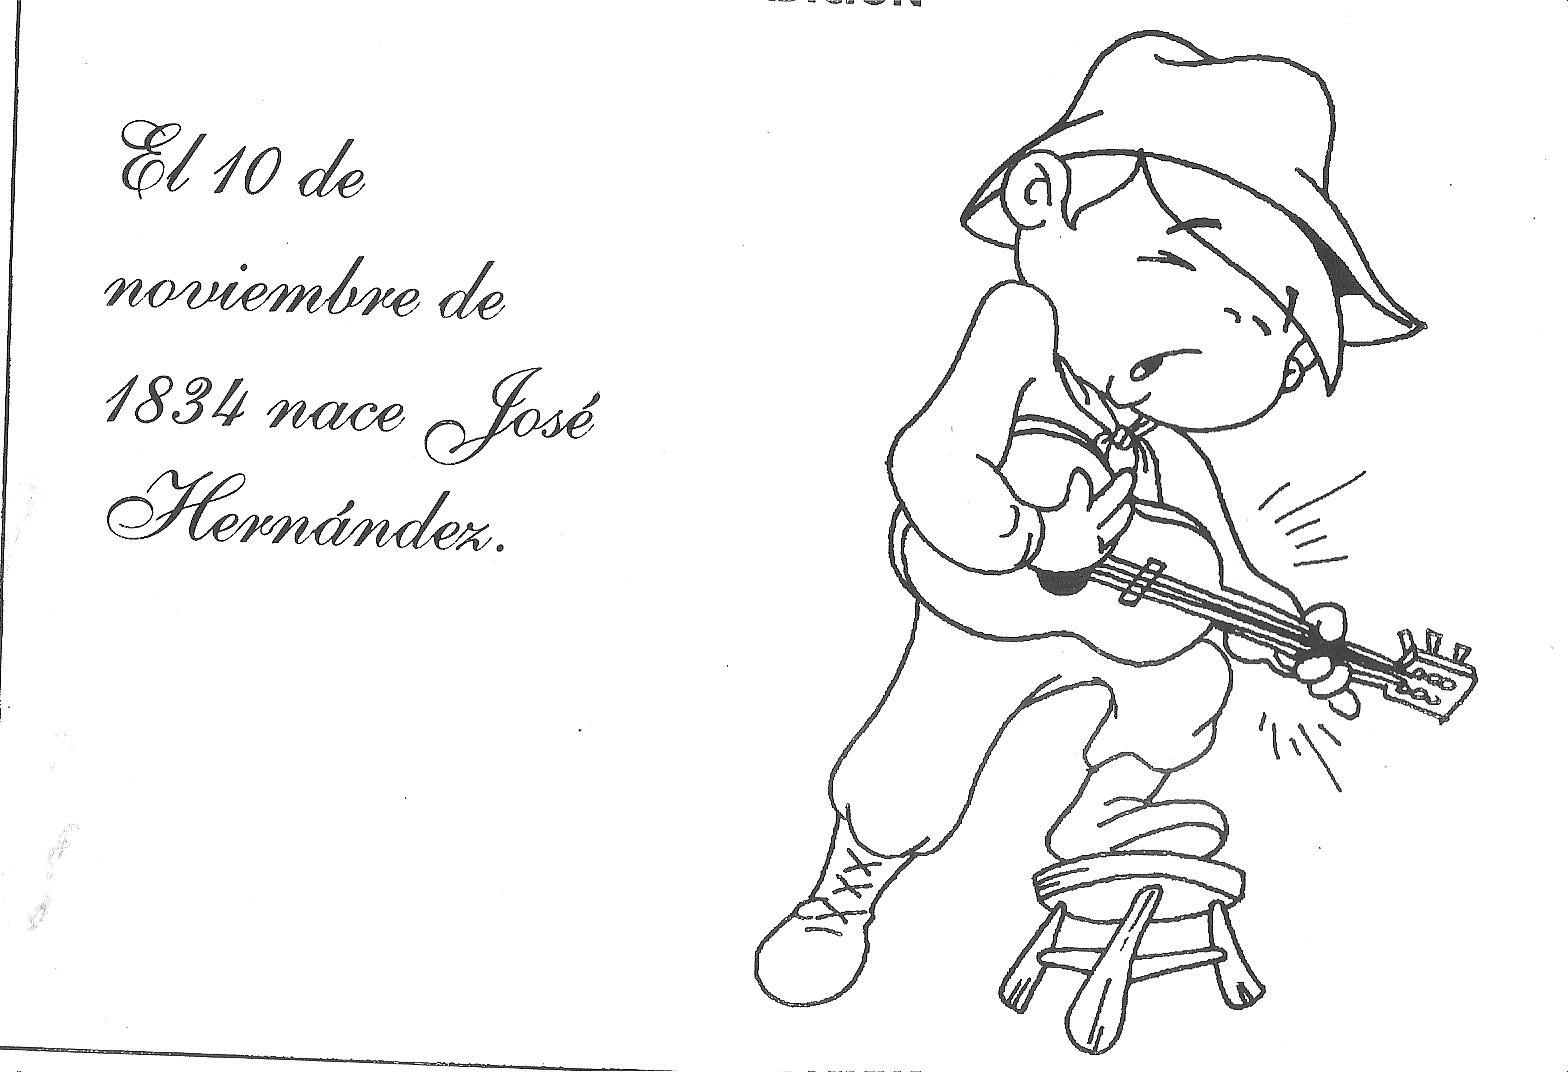 Dibujo De La Palabra Otoño Para Colorear Con Los Niños: DIBUJOS DIA DE LA TRADICION PARA COLOREAR